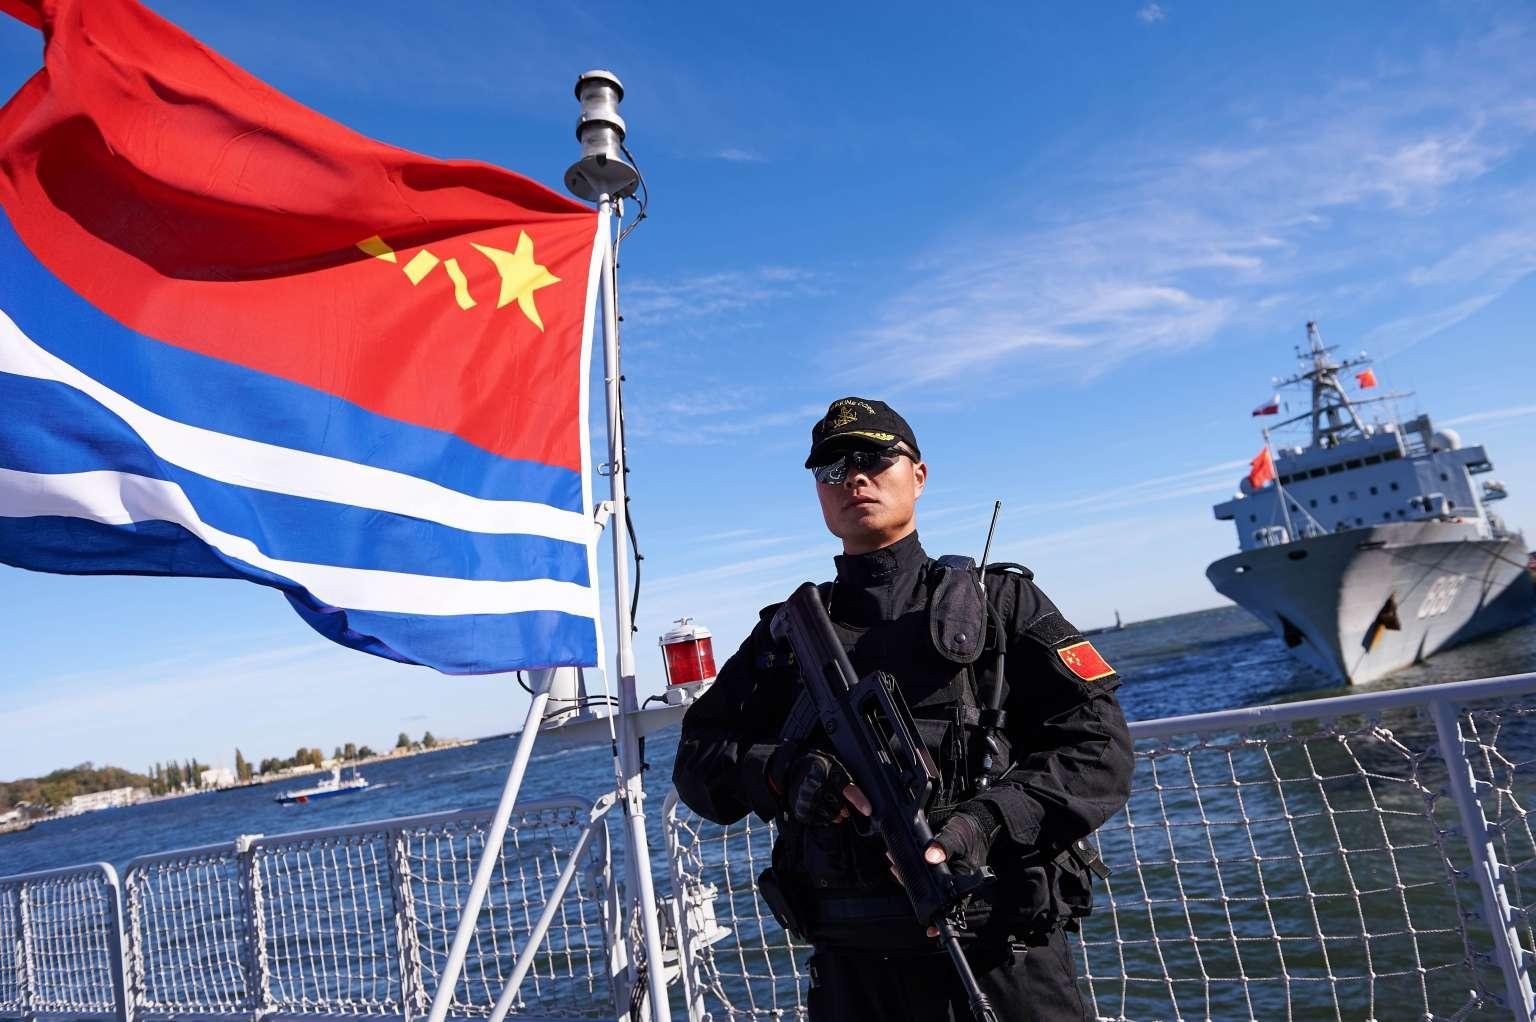 F:\配图101536302800_-_07_10_2015_-_poland-china-defence-diplomacy-navy.jpg